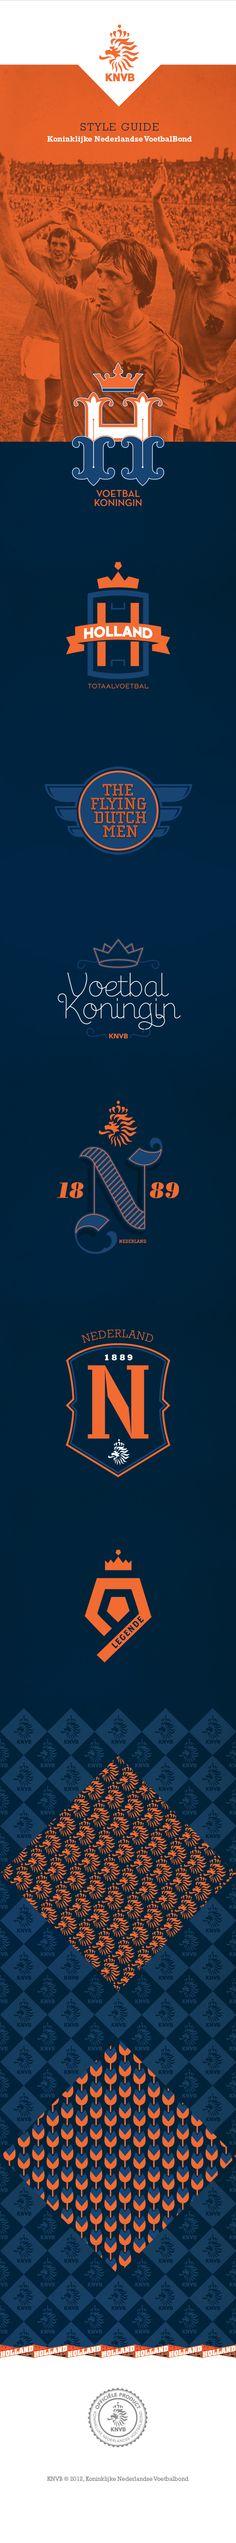 KNVB by Battagliotti Bros. , via Behance